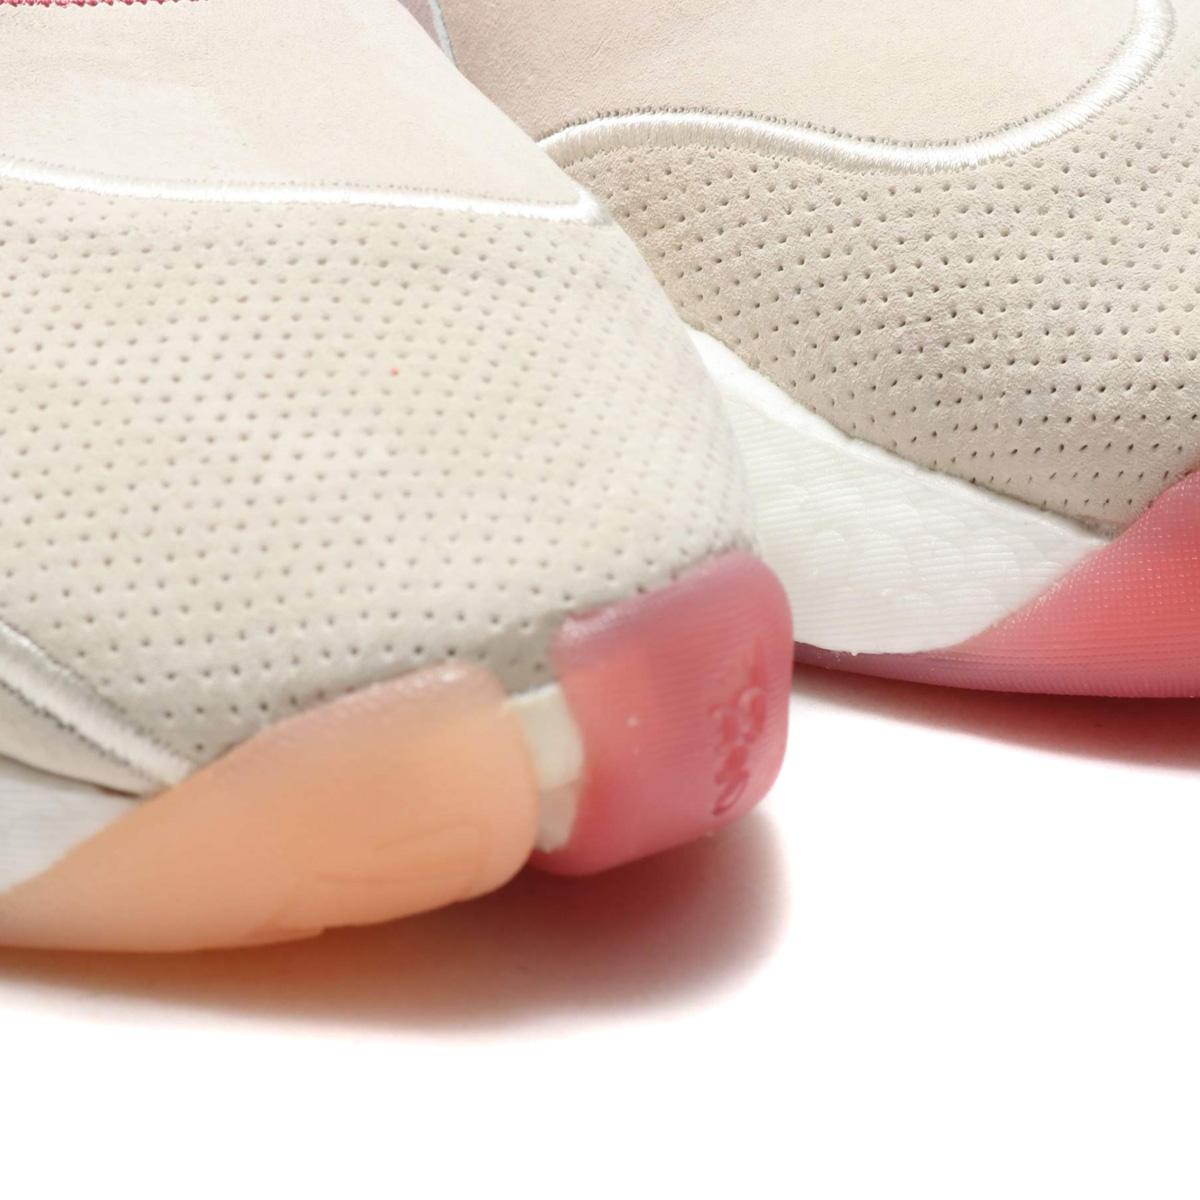 designer fashion 9d9c2 9feea adidas CRAZY BYW LVL I (Adidas crazy BYW LVL1) CREAM WHITECLEAR ORANGE  F18CLEAR GRAY 18FW-I